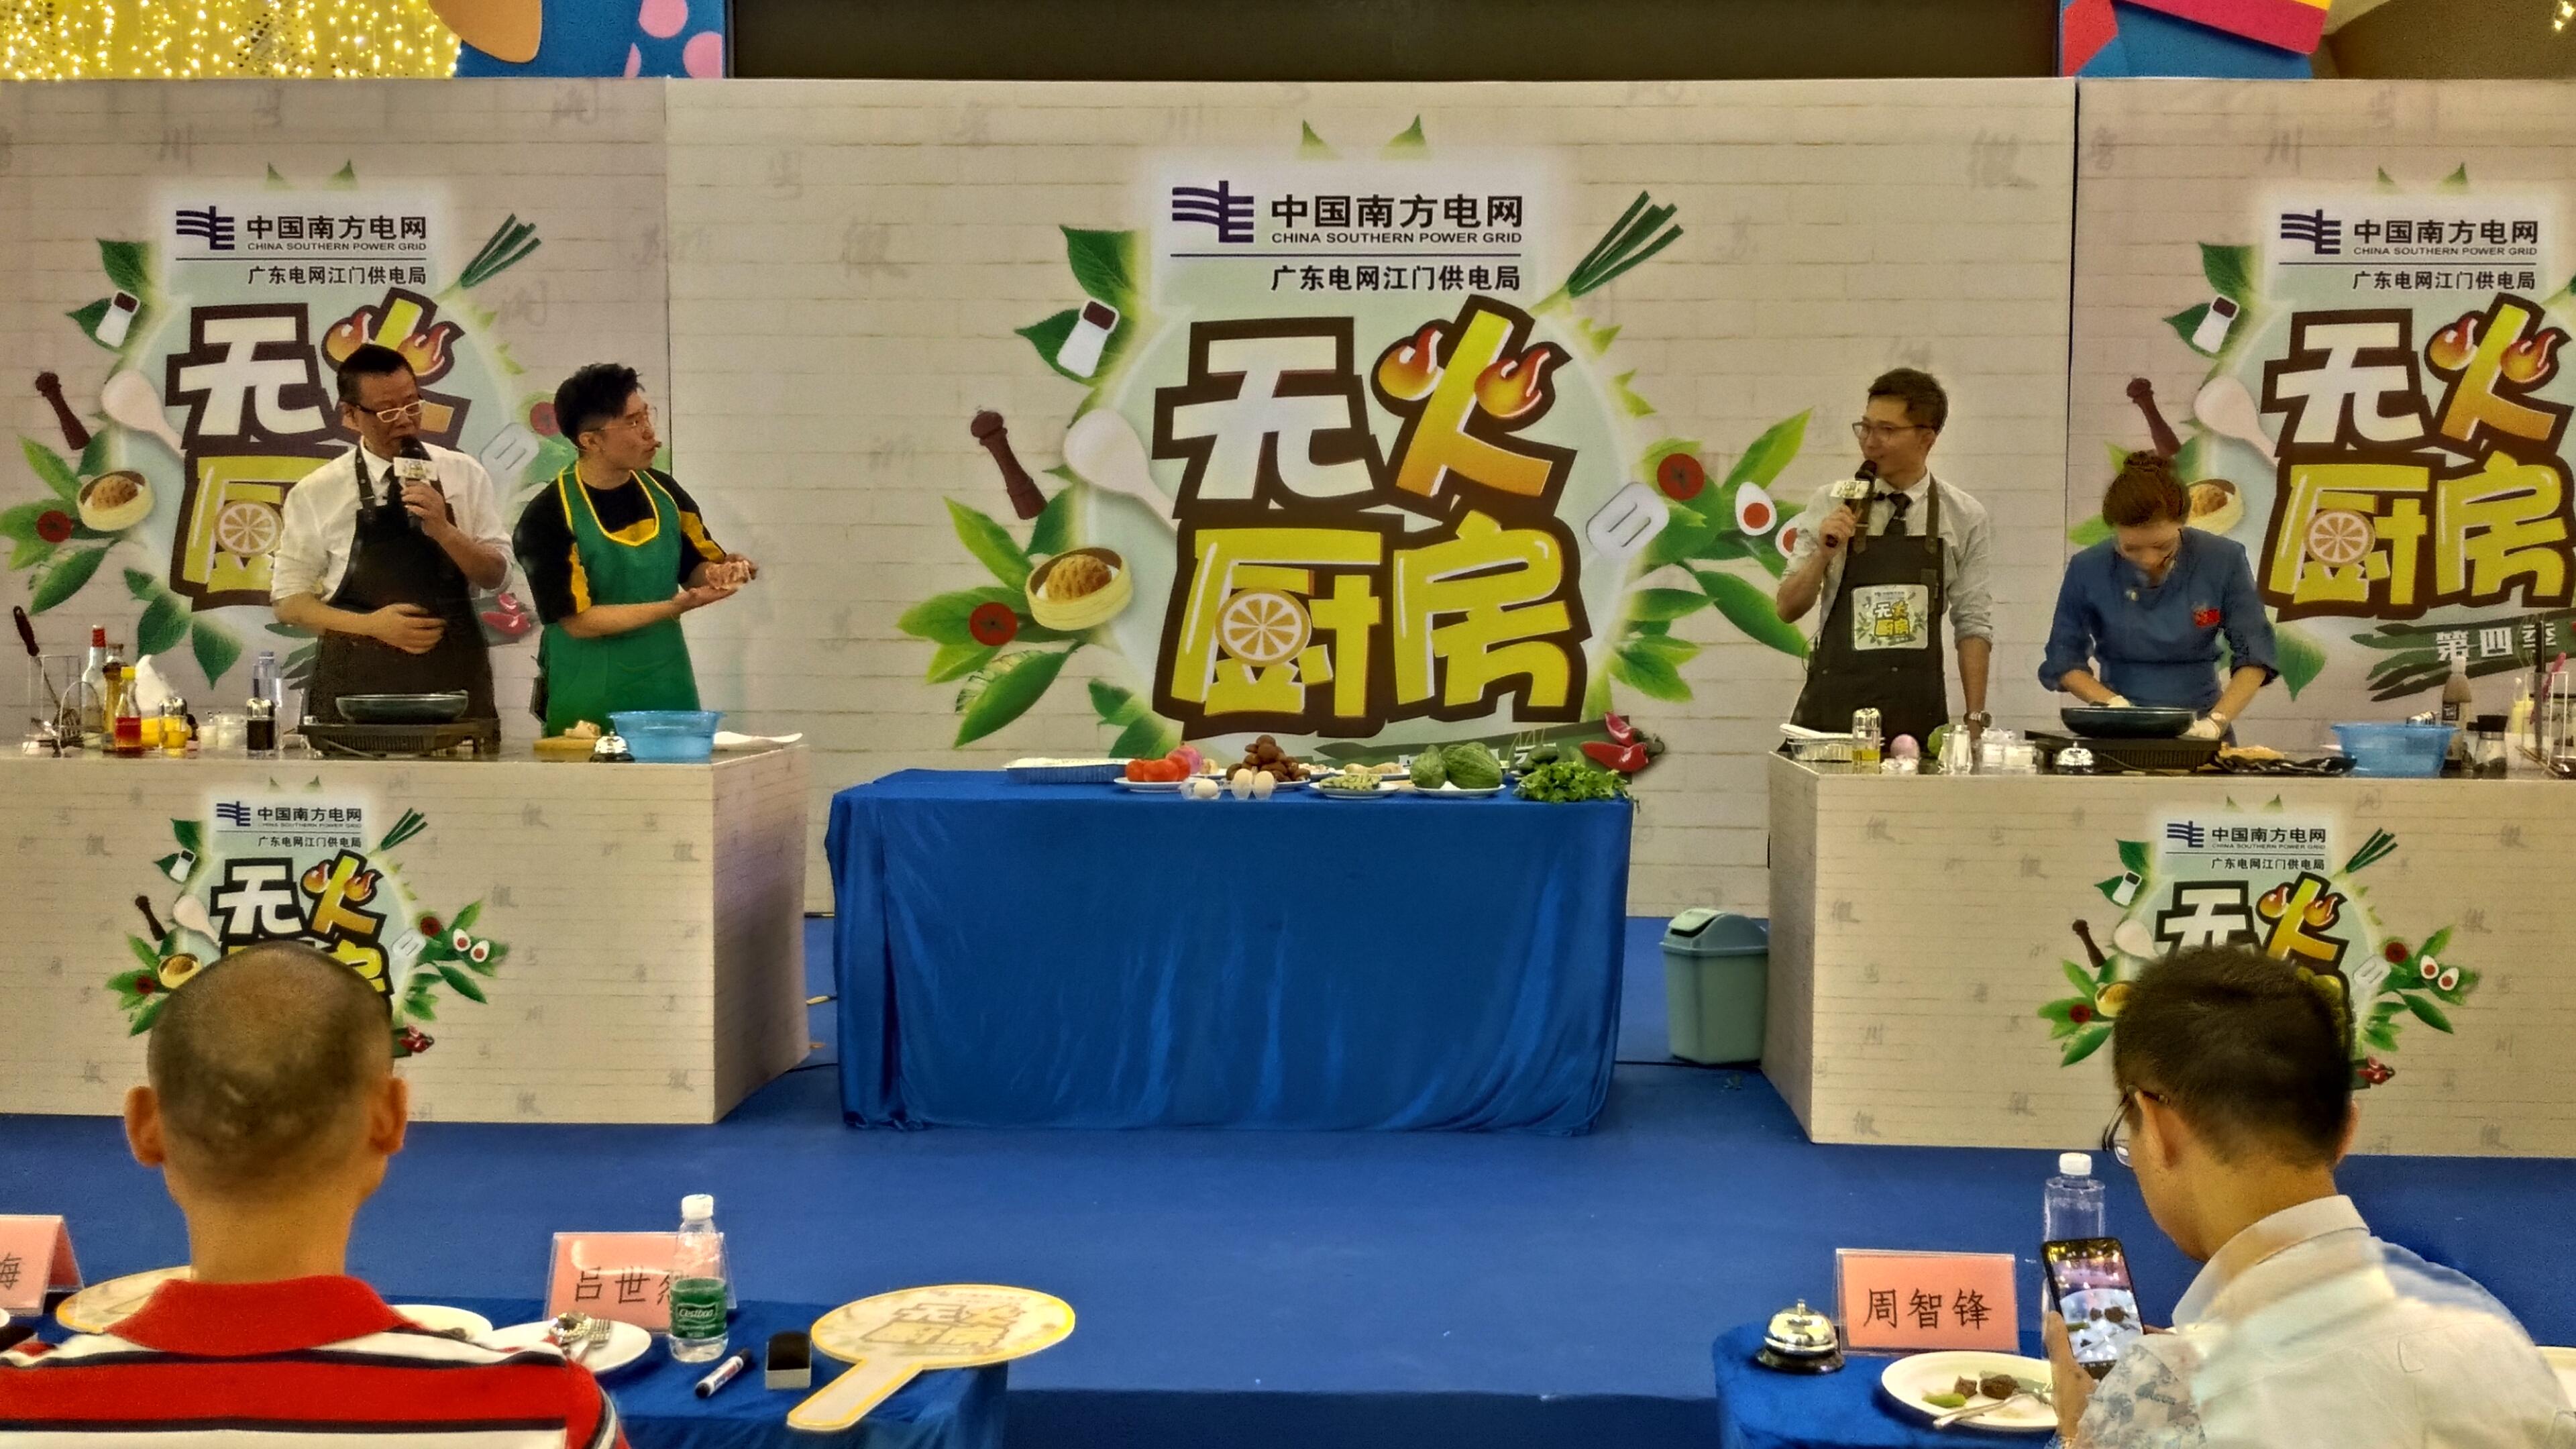 《无火厨房》节目现场互动 市民与主持人比拼厨艺